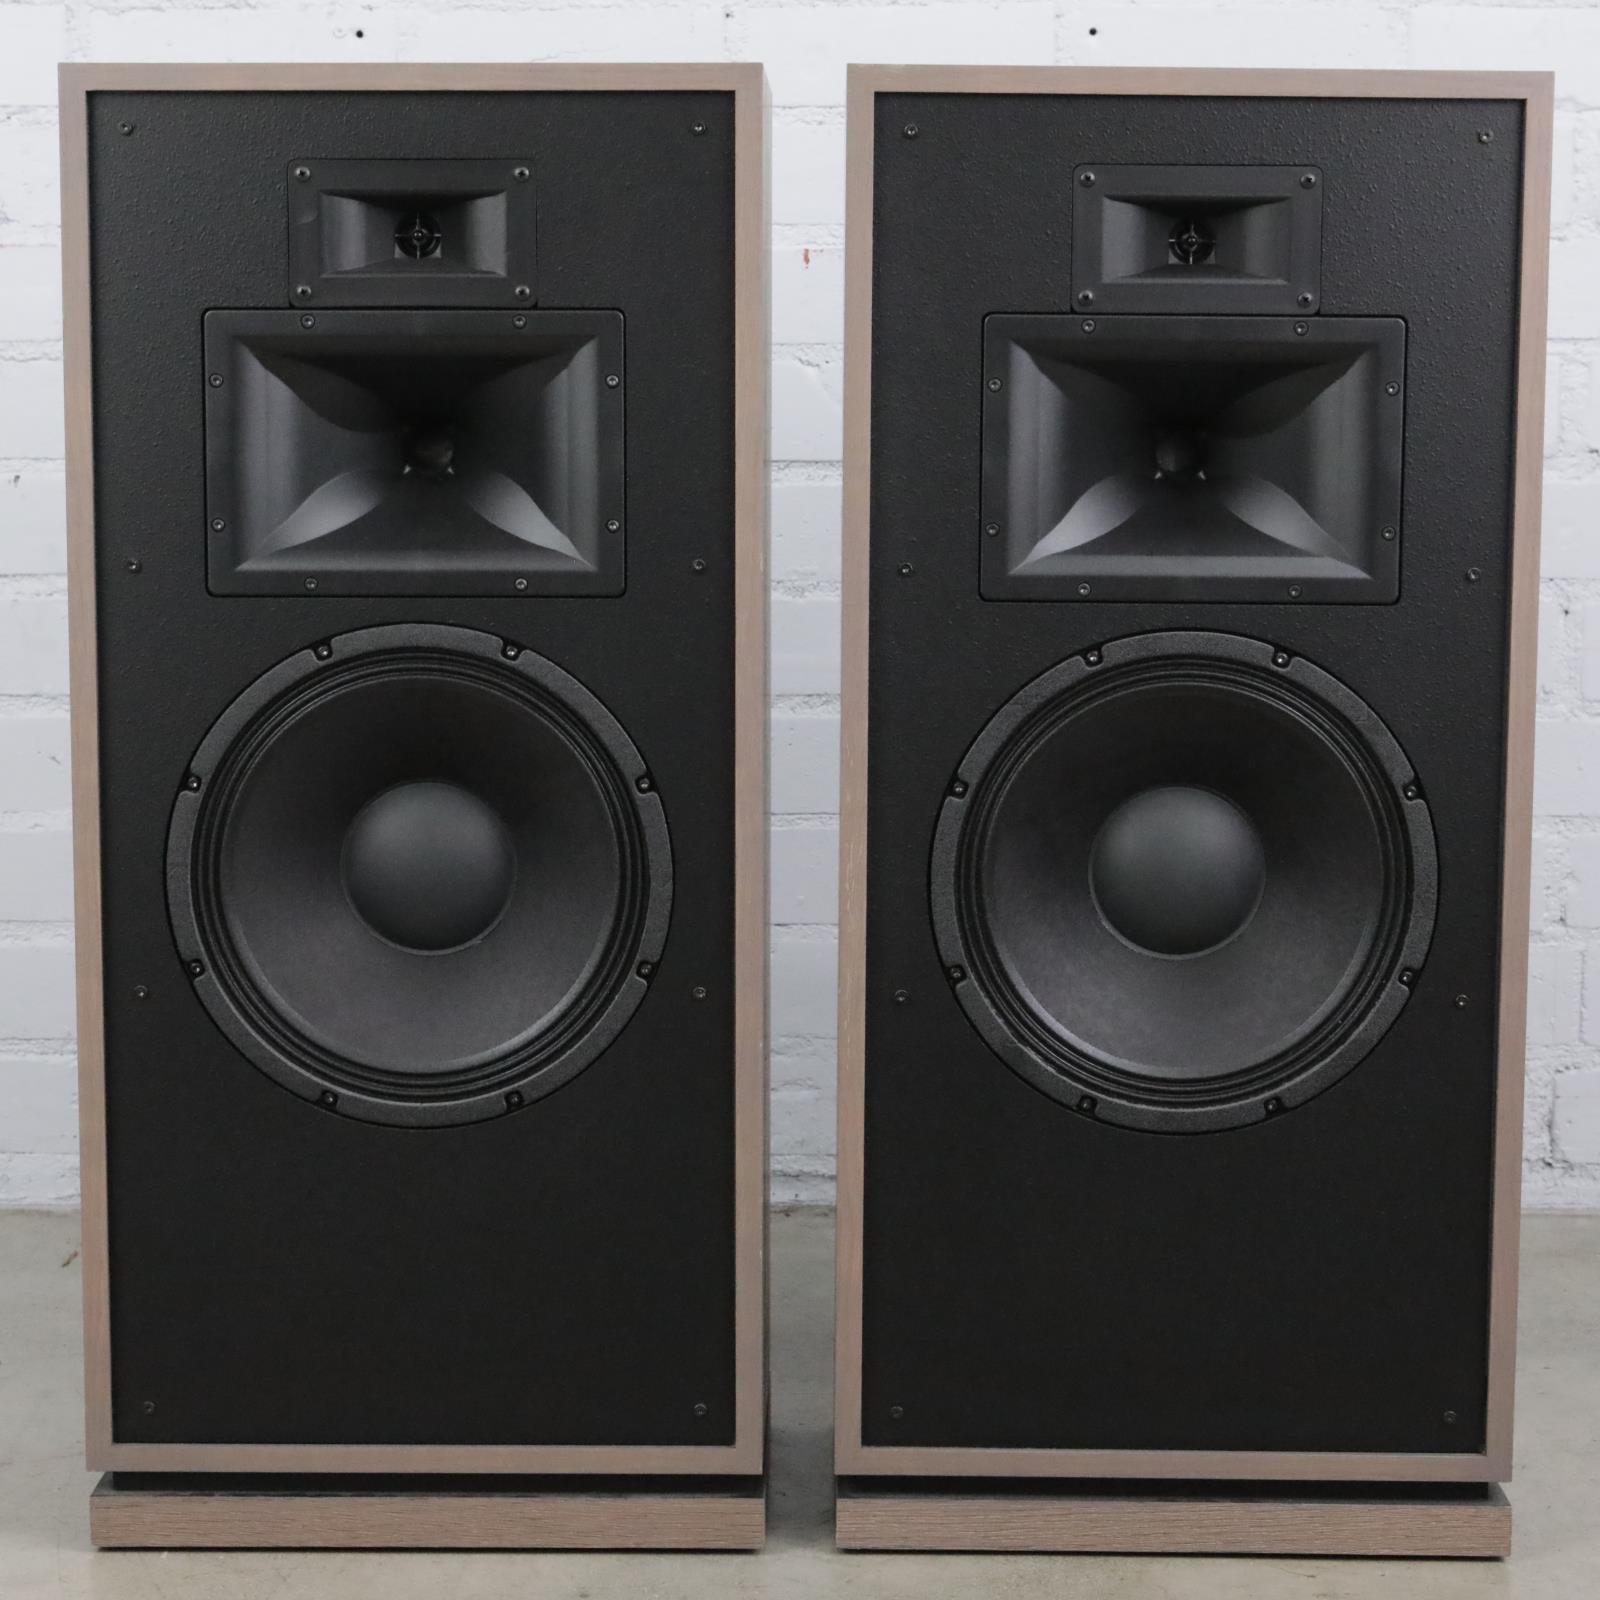 Klipsch Forte III Distressed Oak Floor Standing Passive Speakers w/Cables #41548